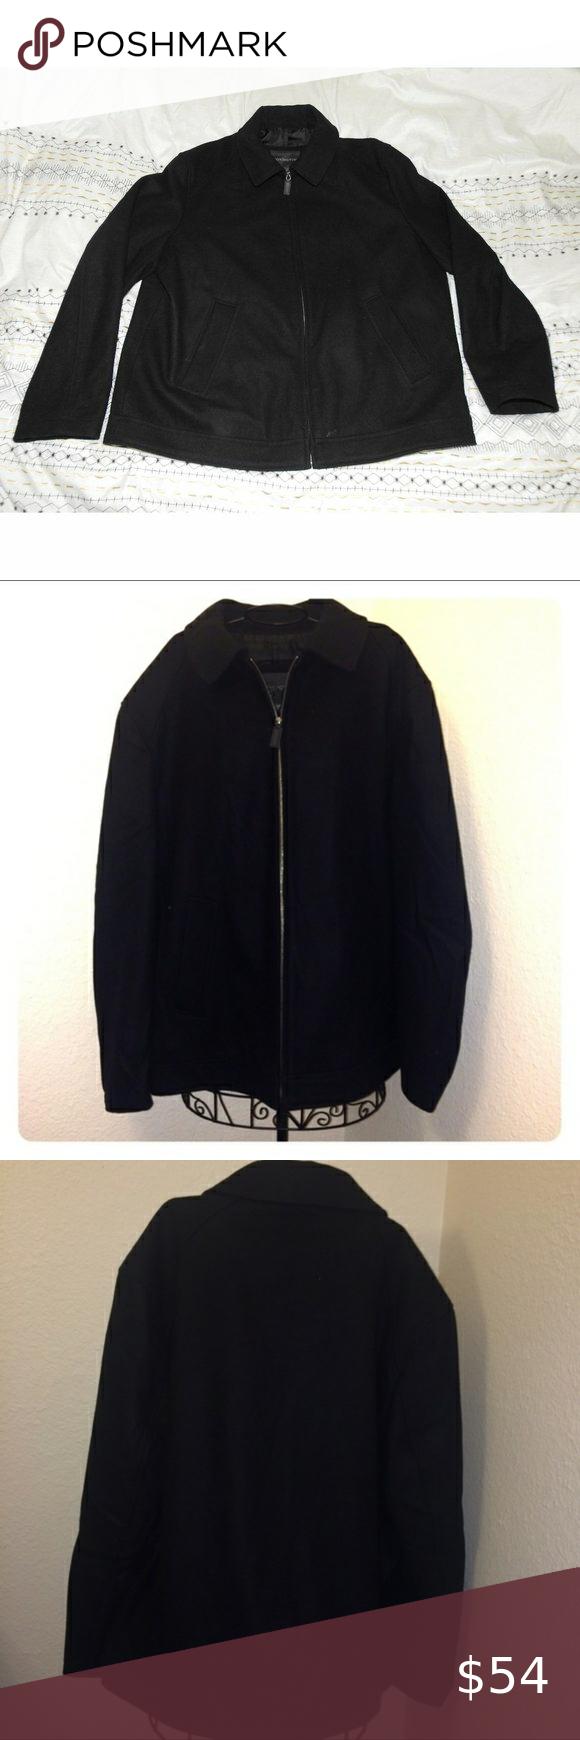 Men S Covington Black Jacket Large Men S Covington Black Jacket Large Covington Jackets Coats Black Jacket Clothes Design Jackets [ 1740 x 580 Pixel ]